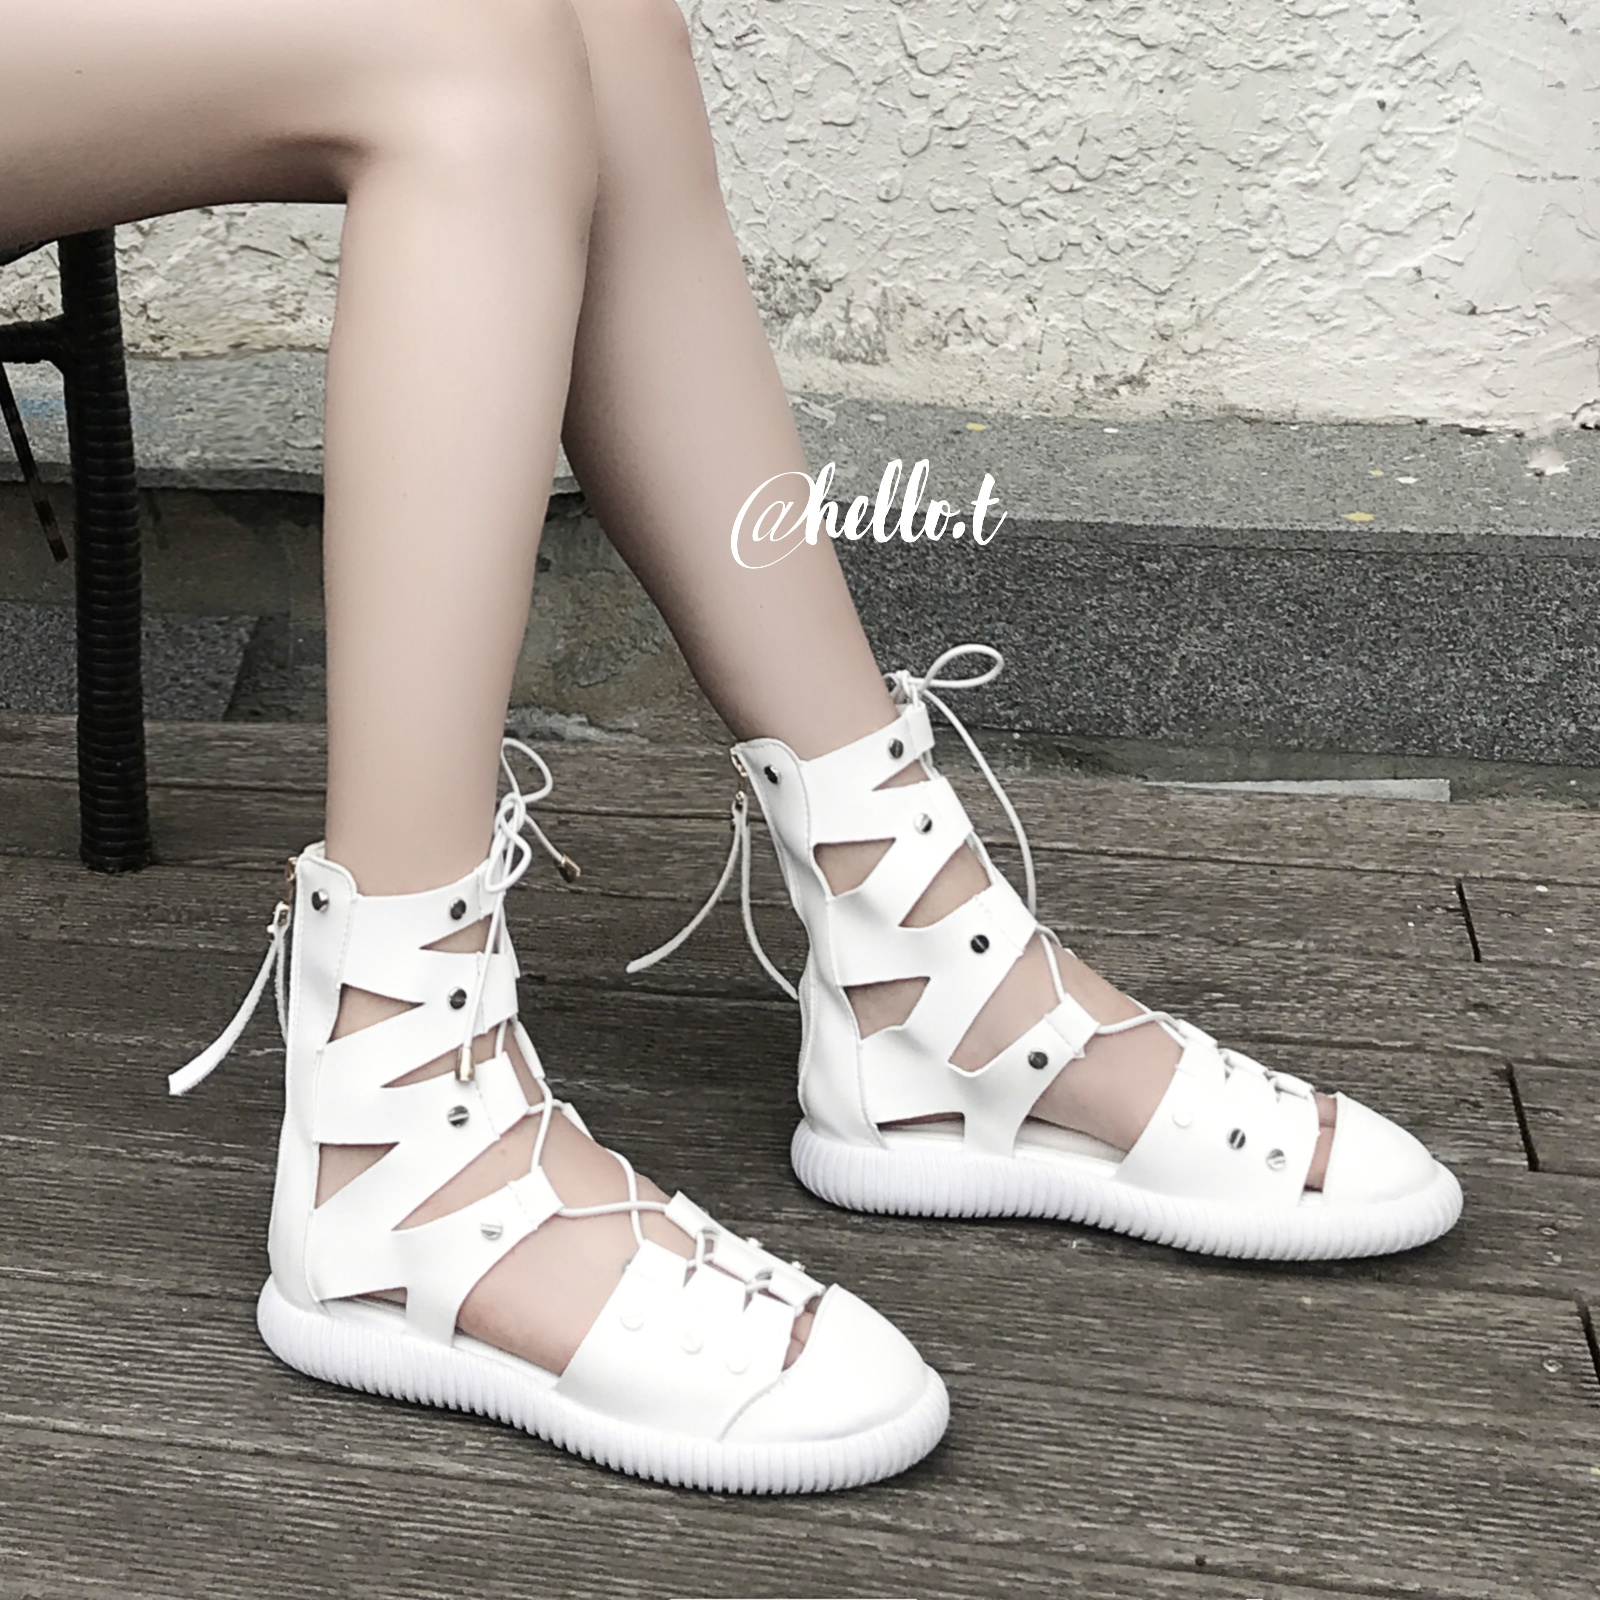 白色罗马鞋 网红蜜豆miki同款鞋平底绑带高帮凉鞋女夏白色罗马鞋子凉靴系带潮_推荐淘宝好看的白色罗马鞋